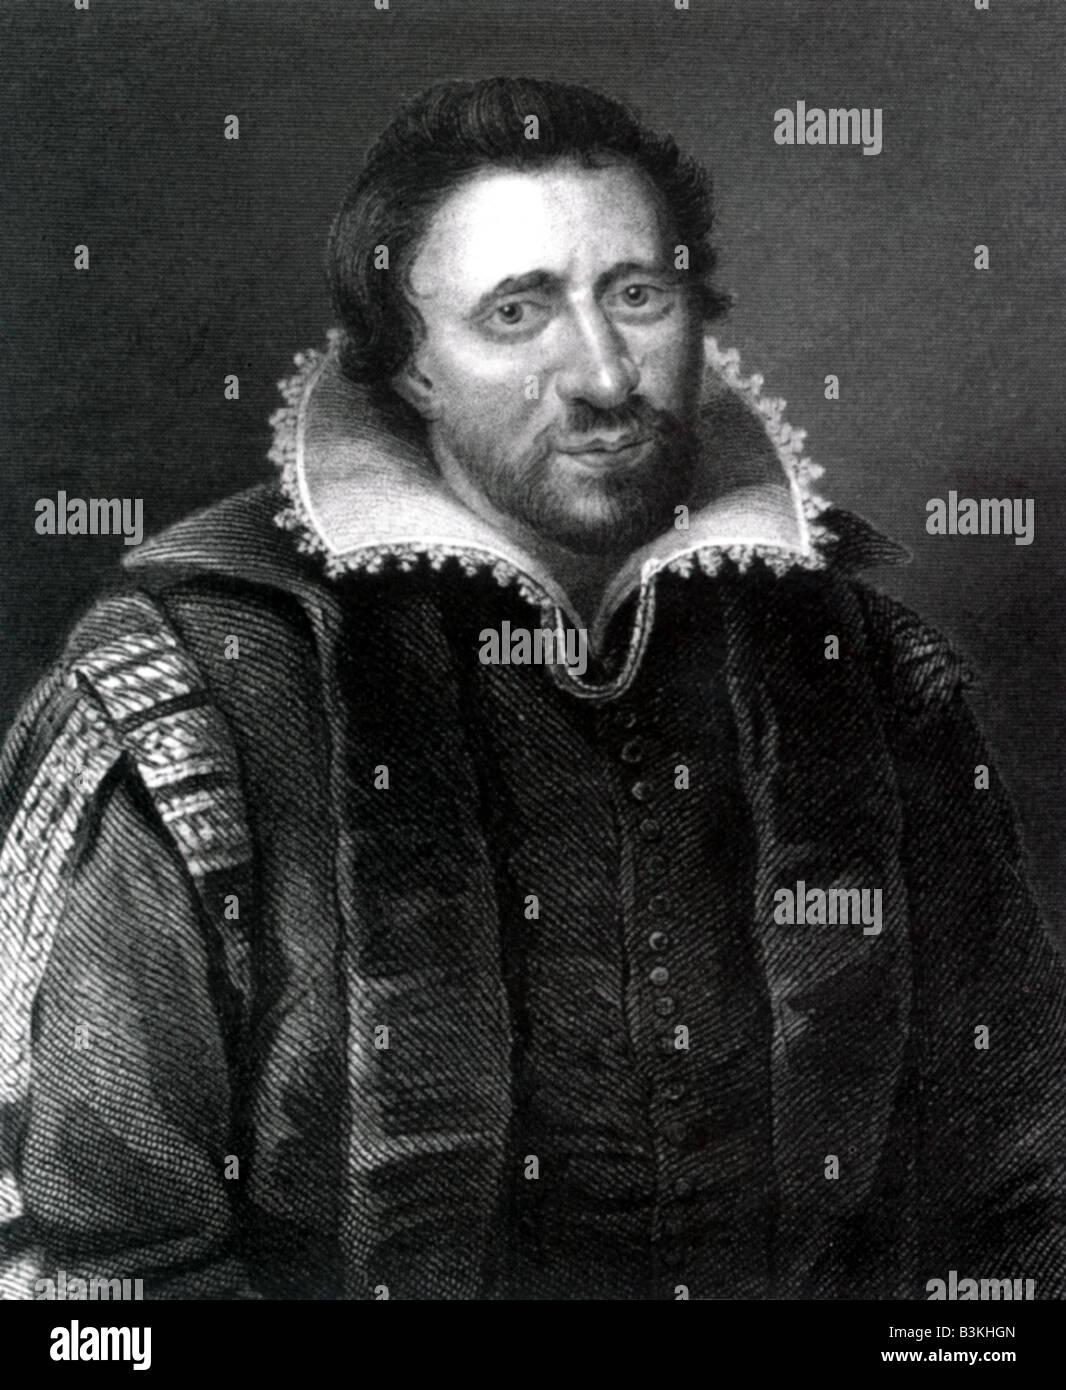 BEN JONSON English dramatist 1572 to 1637 - Stock Image